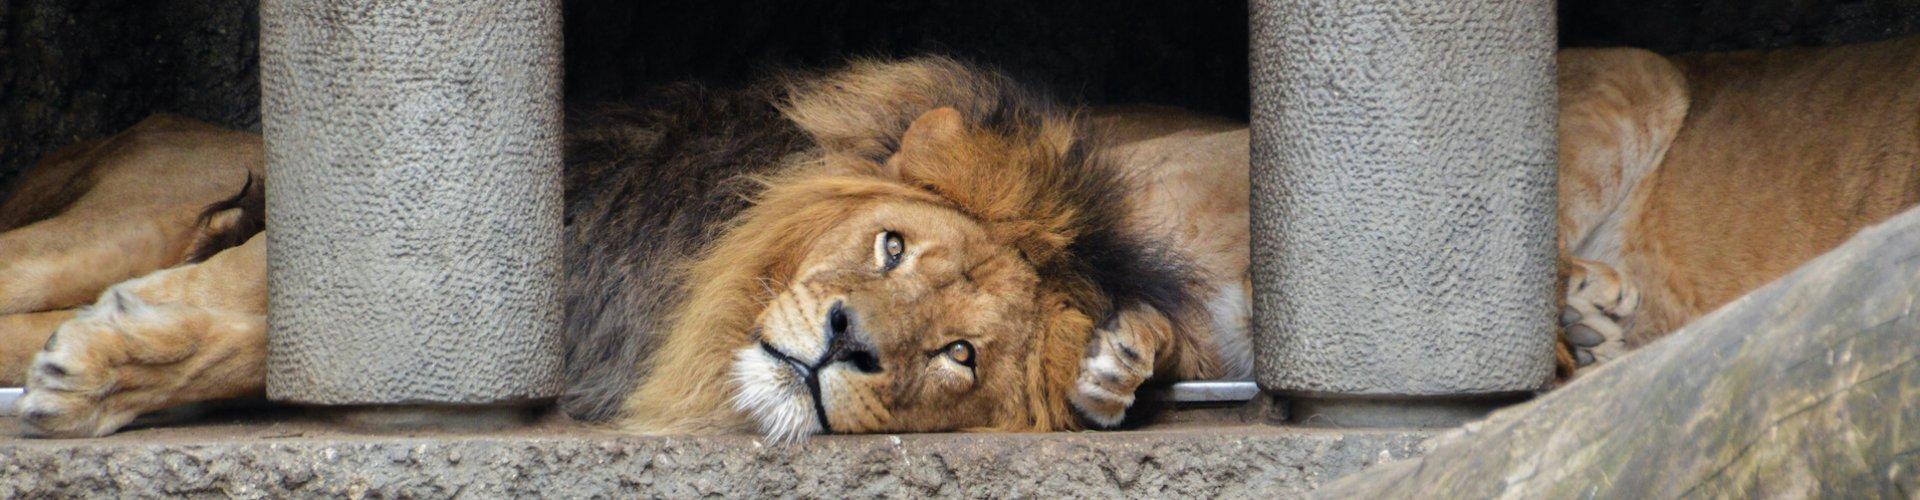 Ausflugsziel Artis Zoo